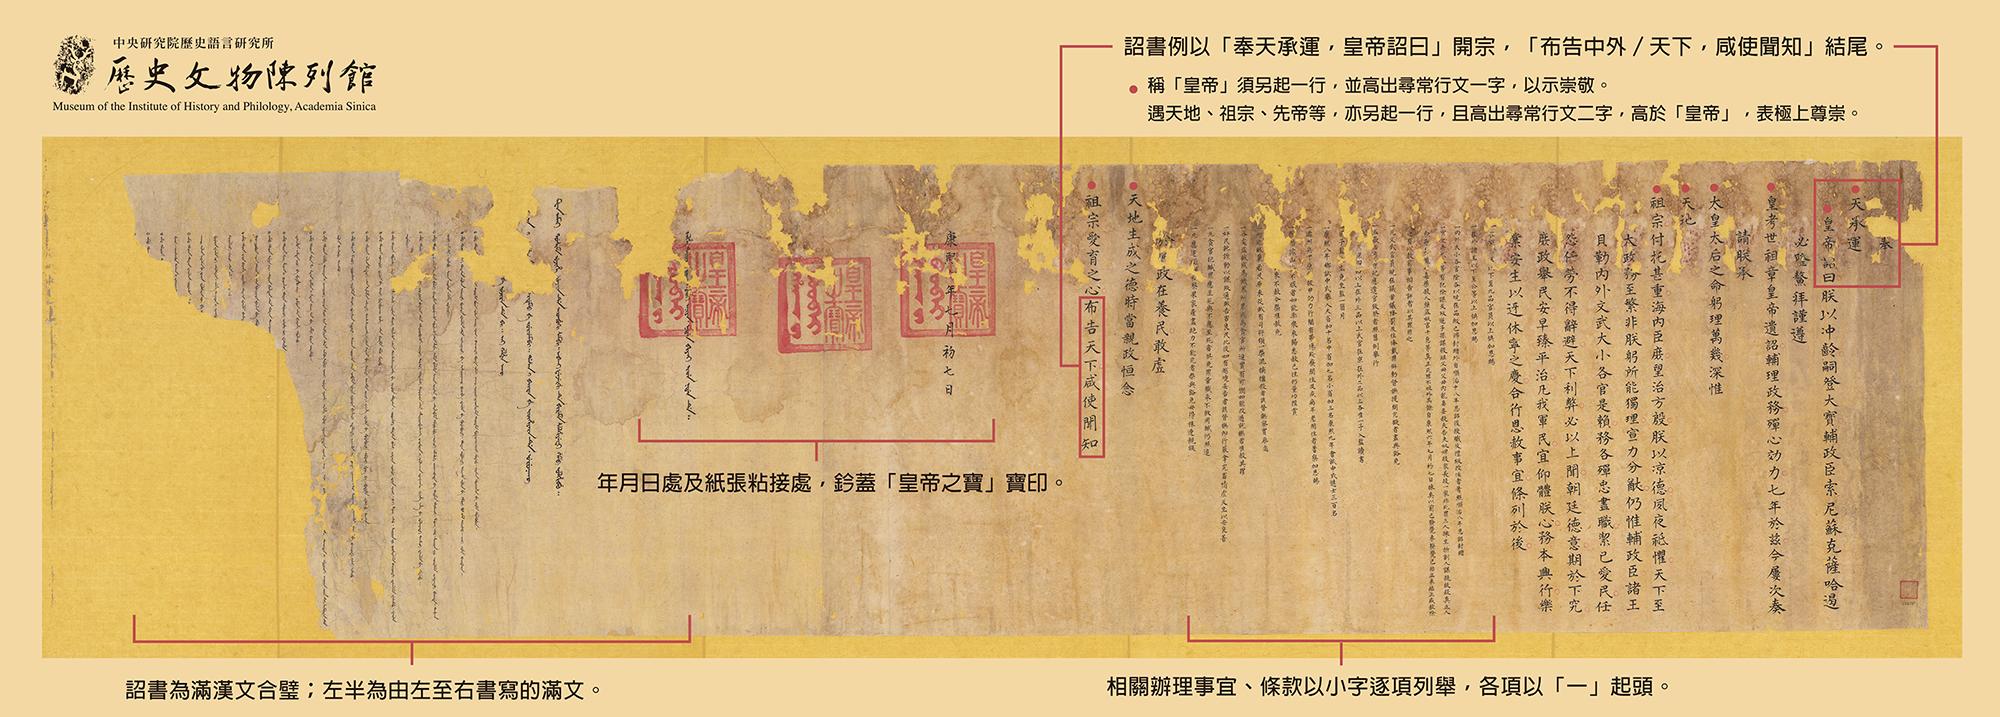 清朝詔書的滿漢合璧寫法,左側是滿文,右側是漢文(圖/研之有物提供)